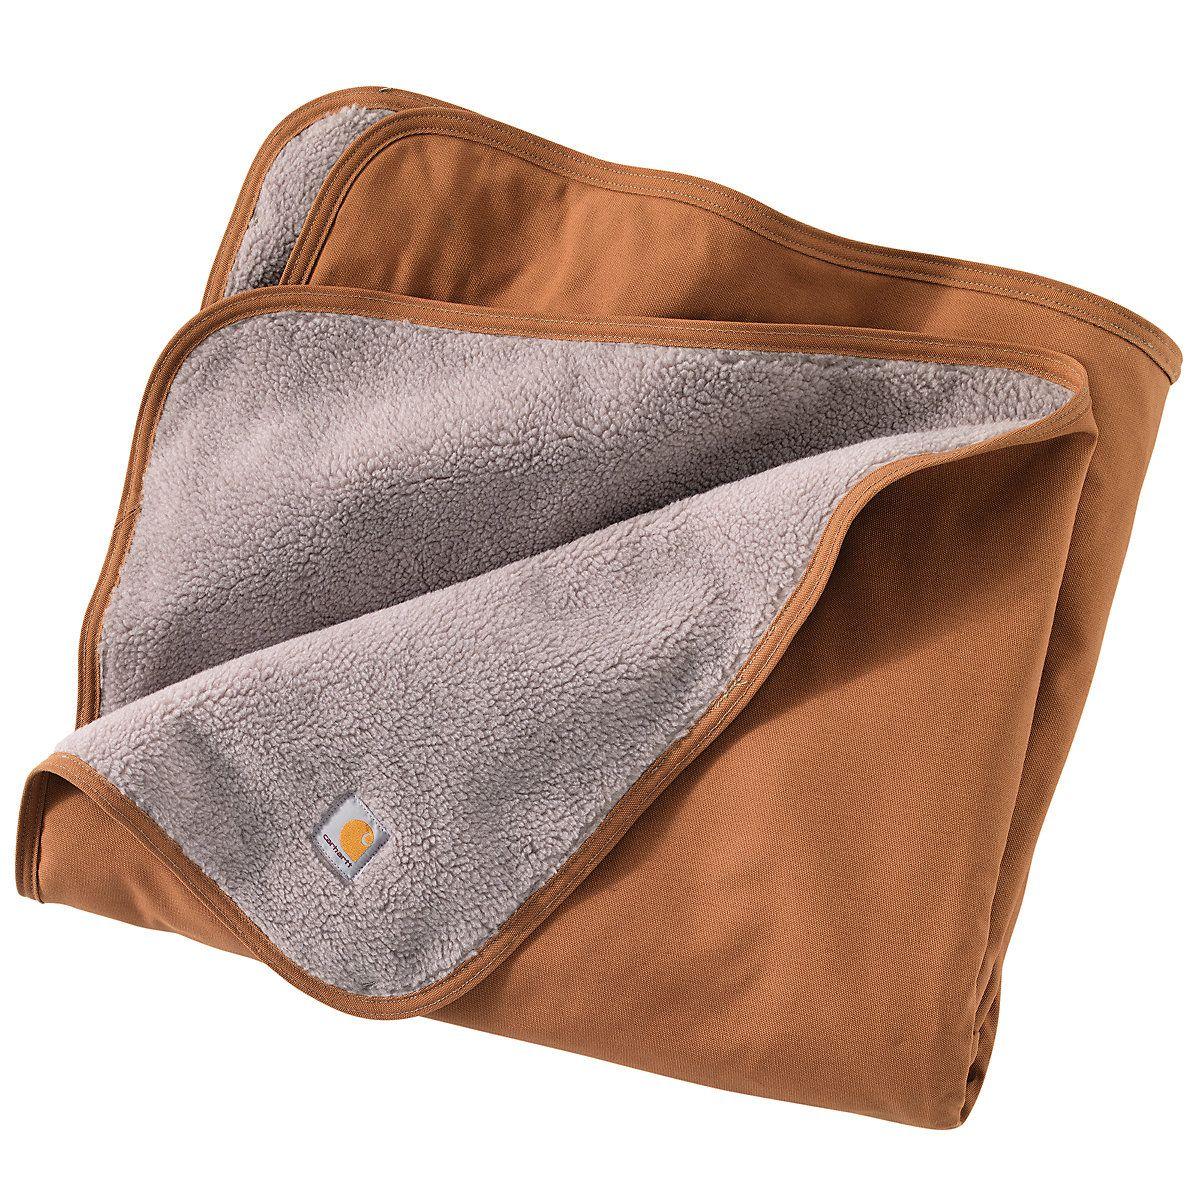 Blanket Blanket, Carhartt, Dog blanket